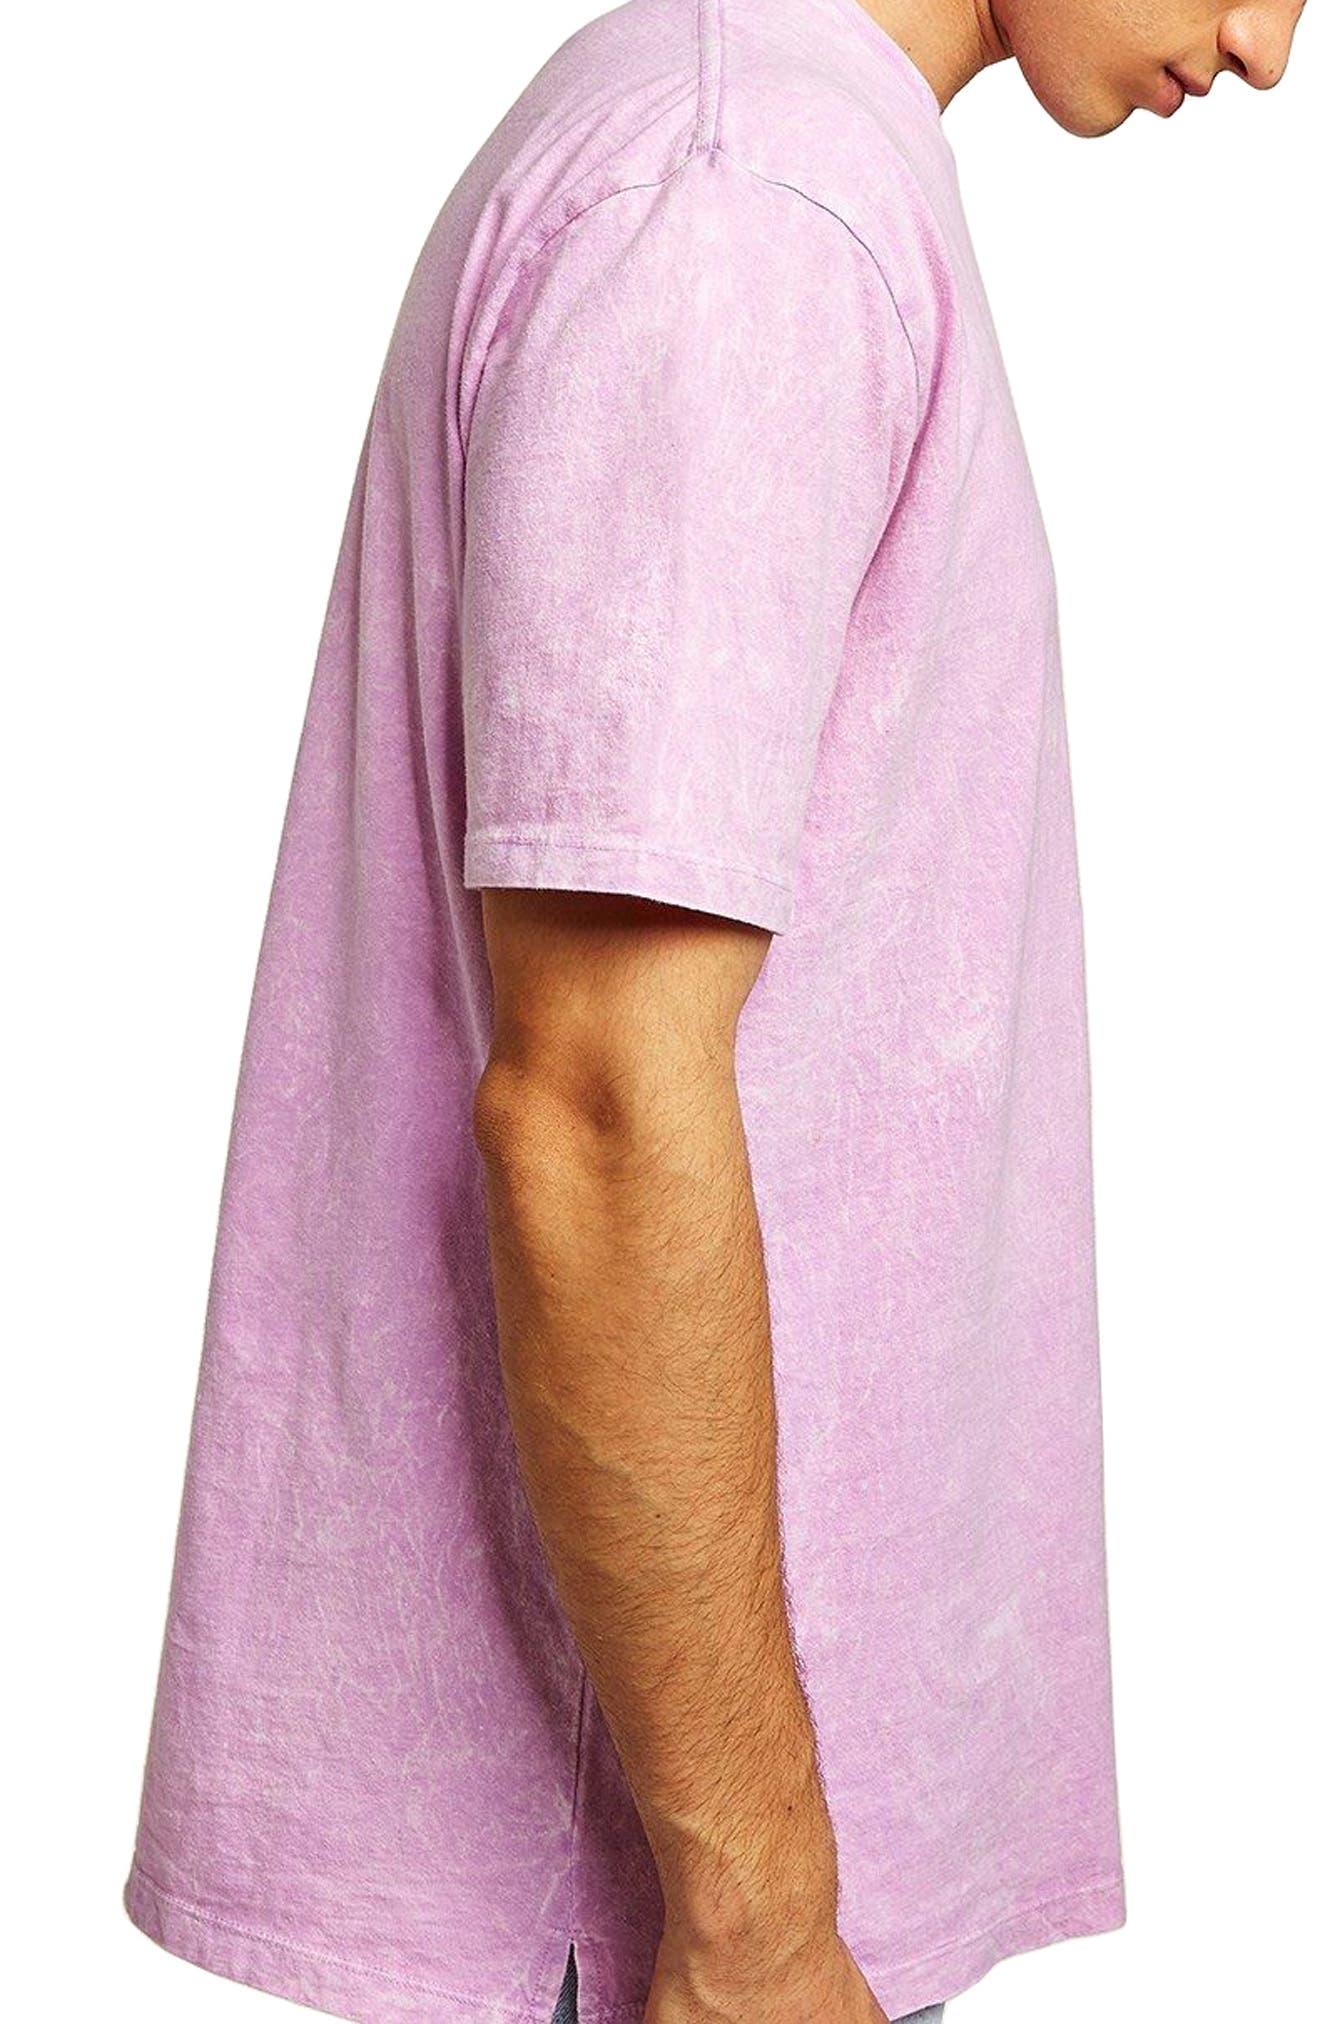 Acid Wash Pocket T-Shirt,                         Main,                         color, Pink Multi